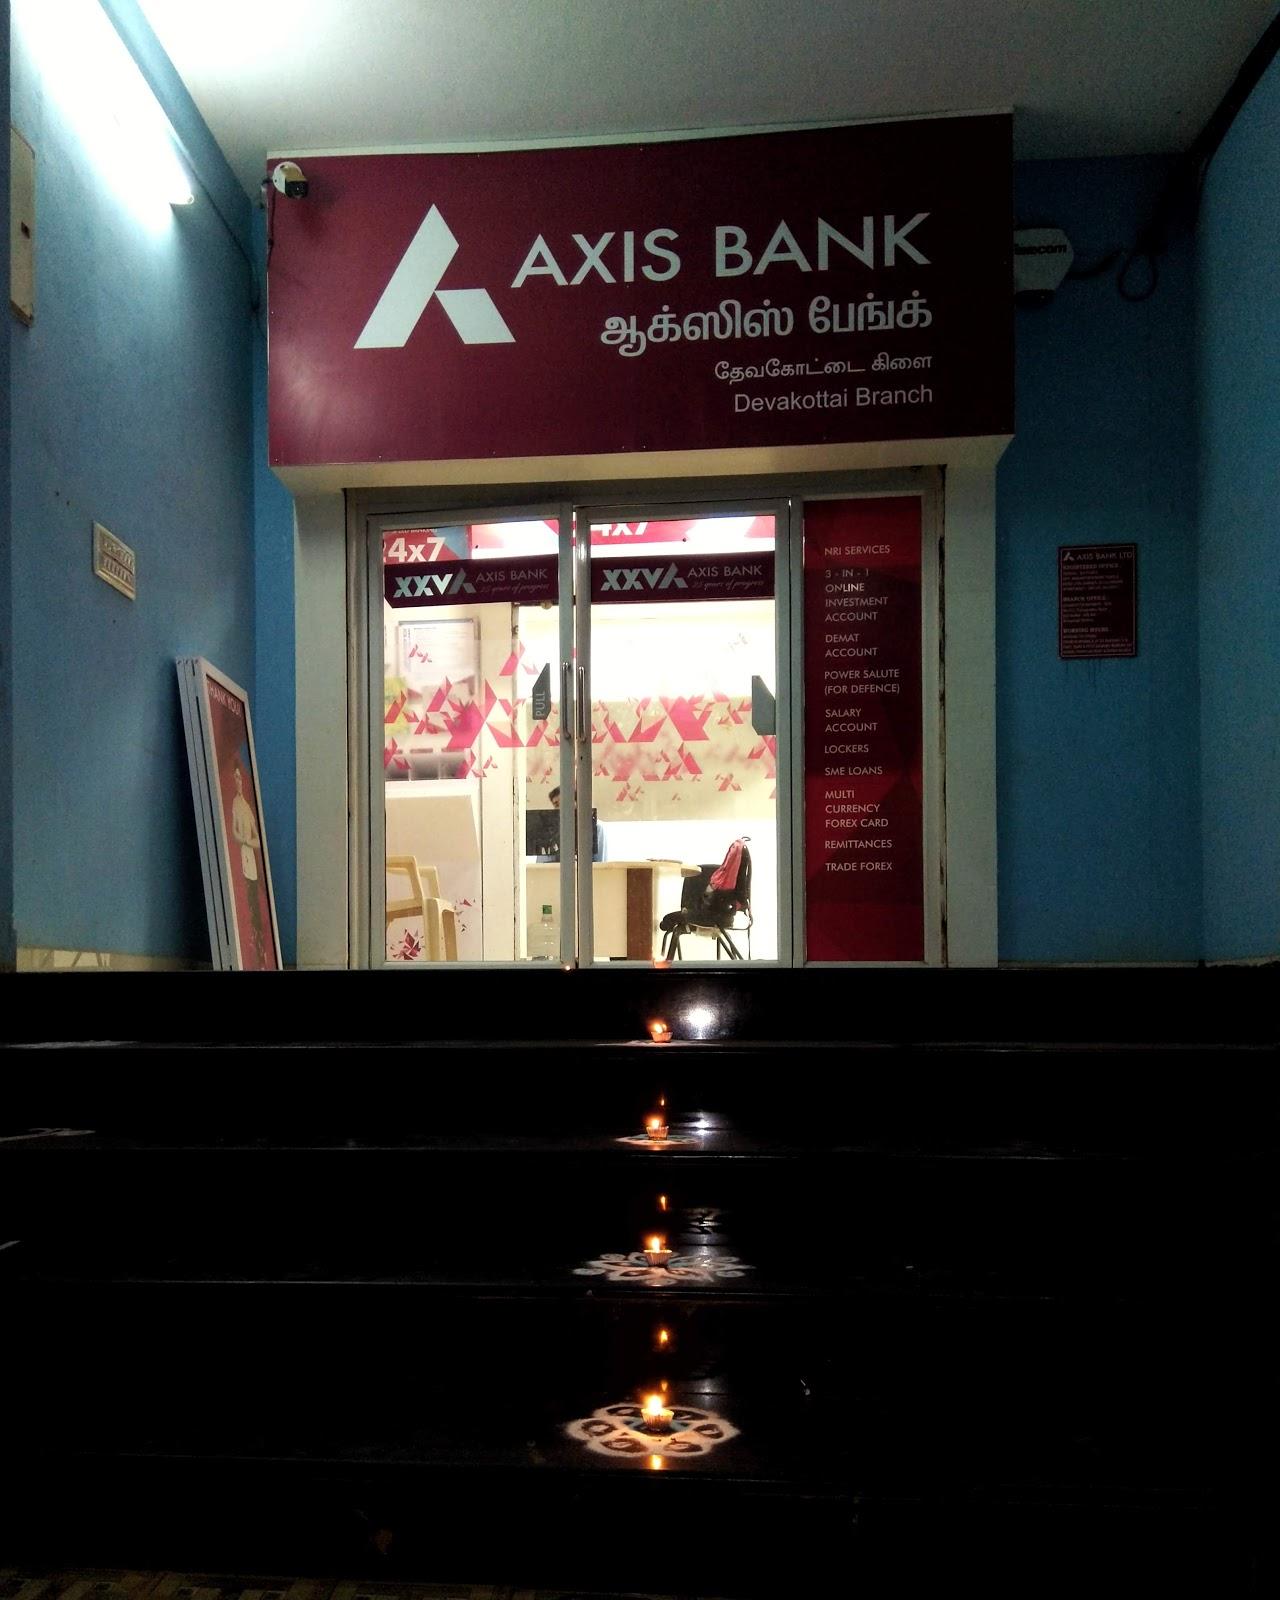 blood bank Axis Bank near Karaikudi Tamil Nadu